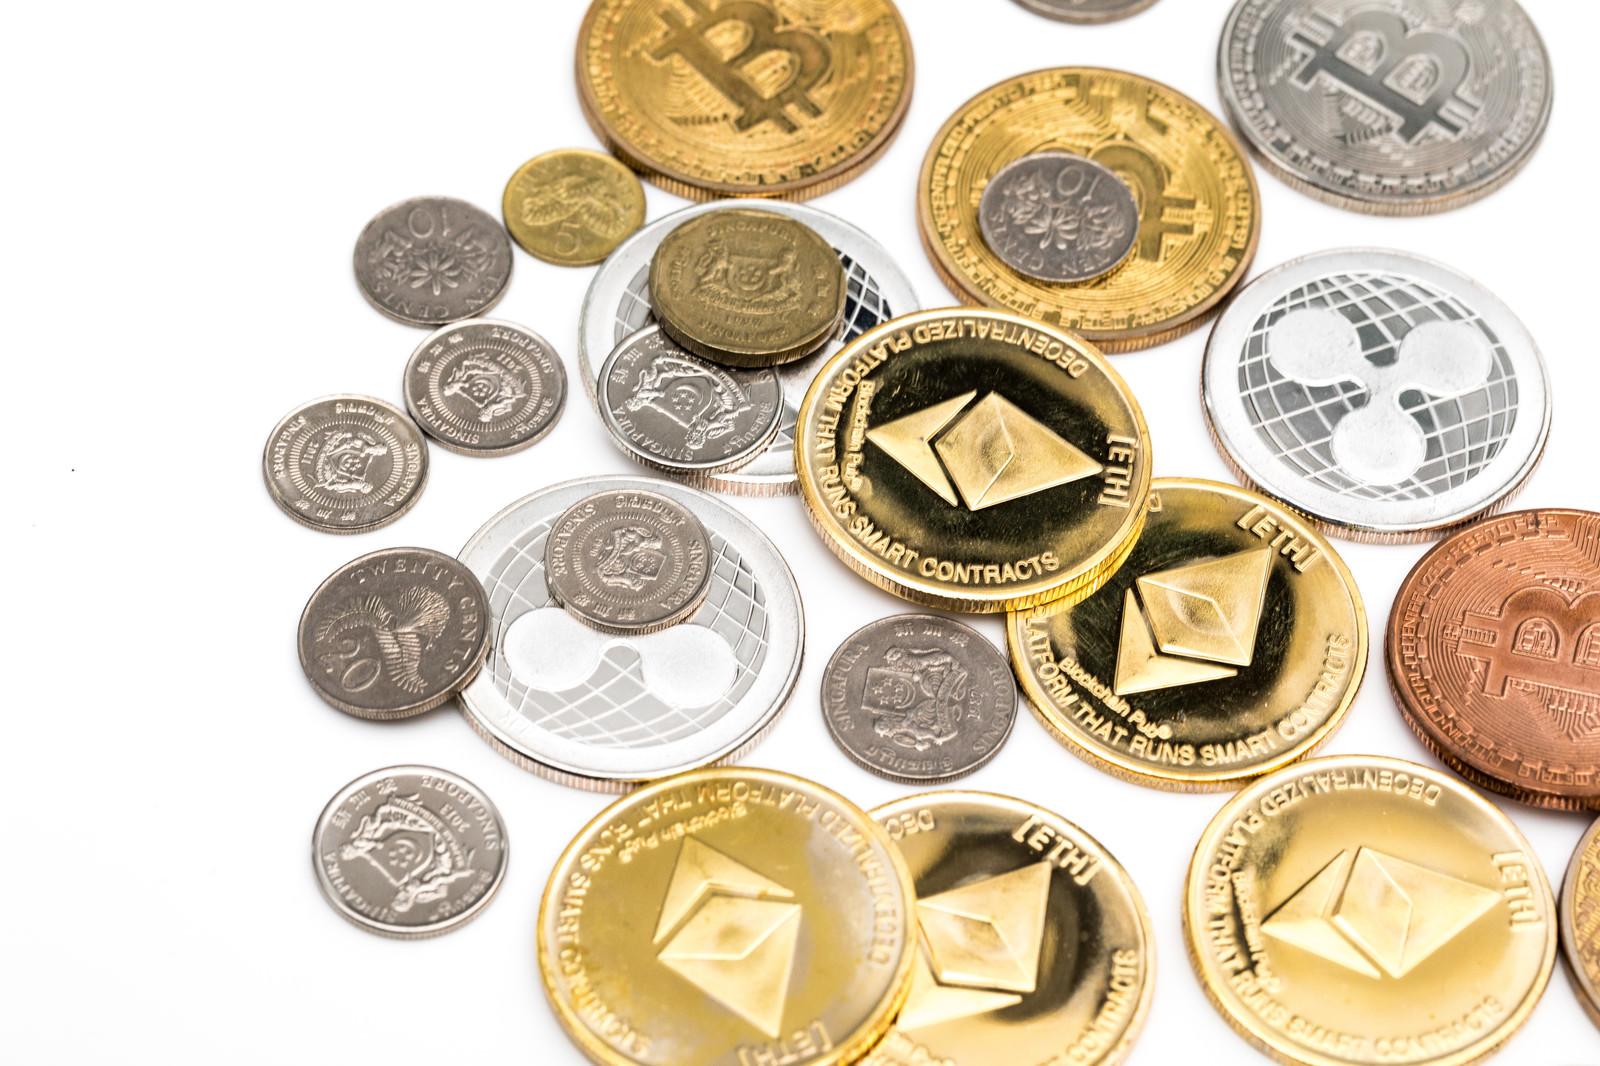 「散らばった仮想通貨とフィアット」の写真